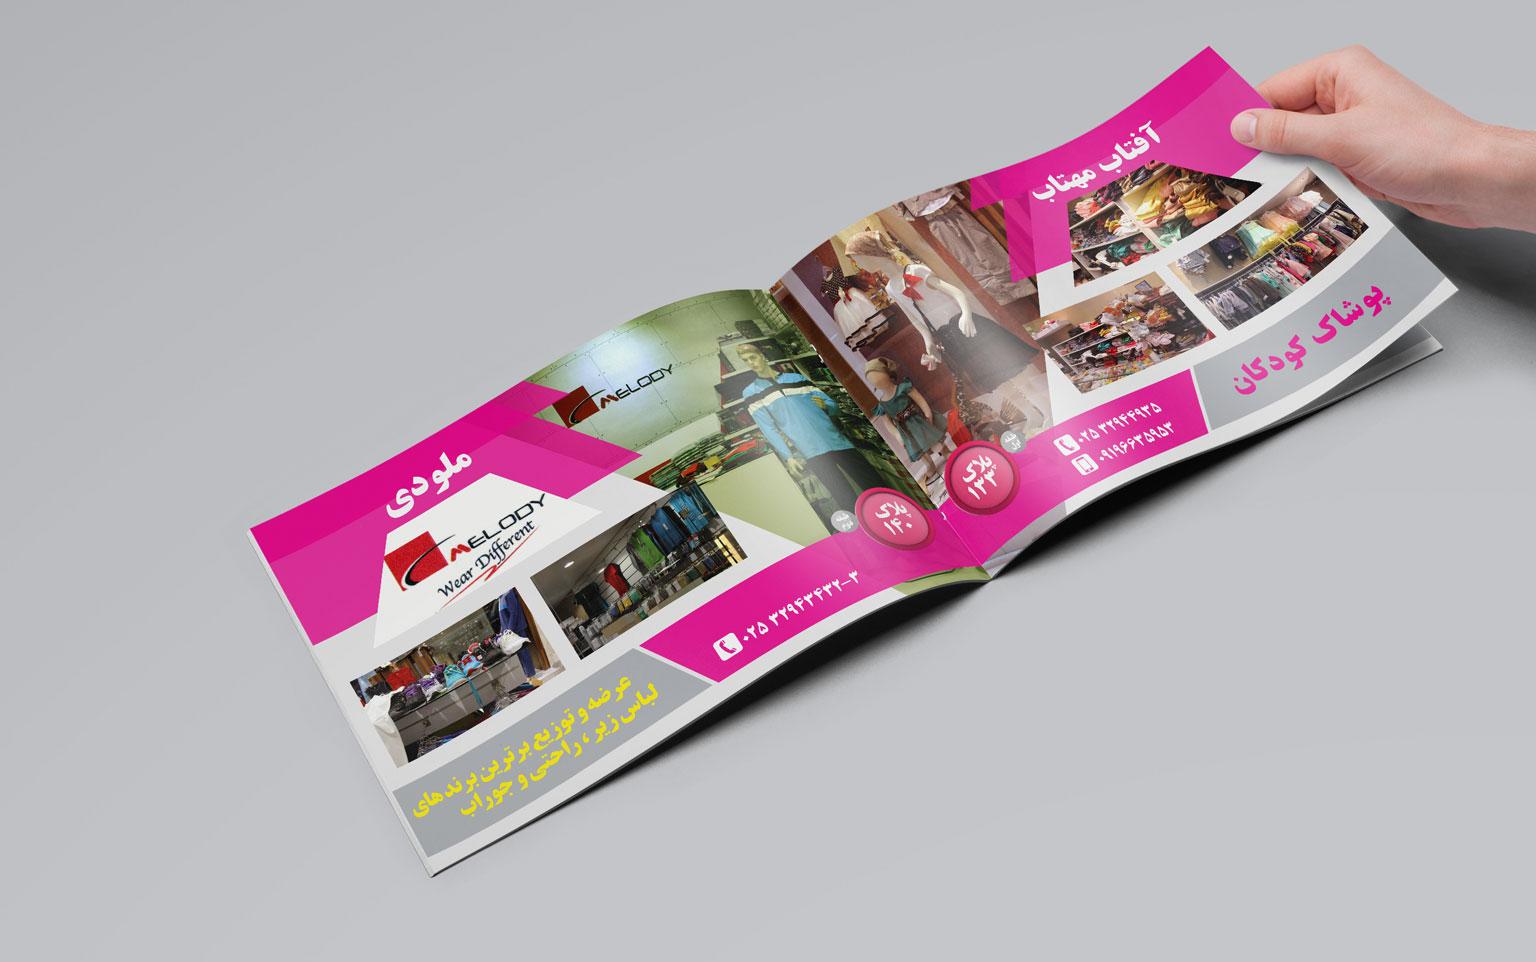 طرح شماره 2 تبلیغاتی کسب و کار (پاساژ)